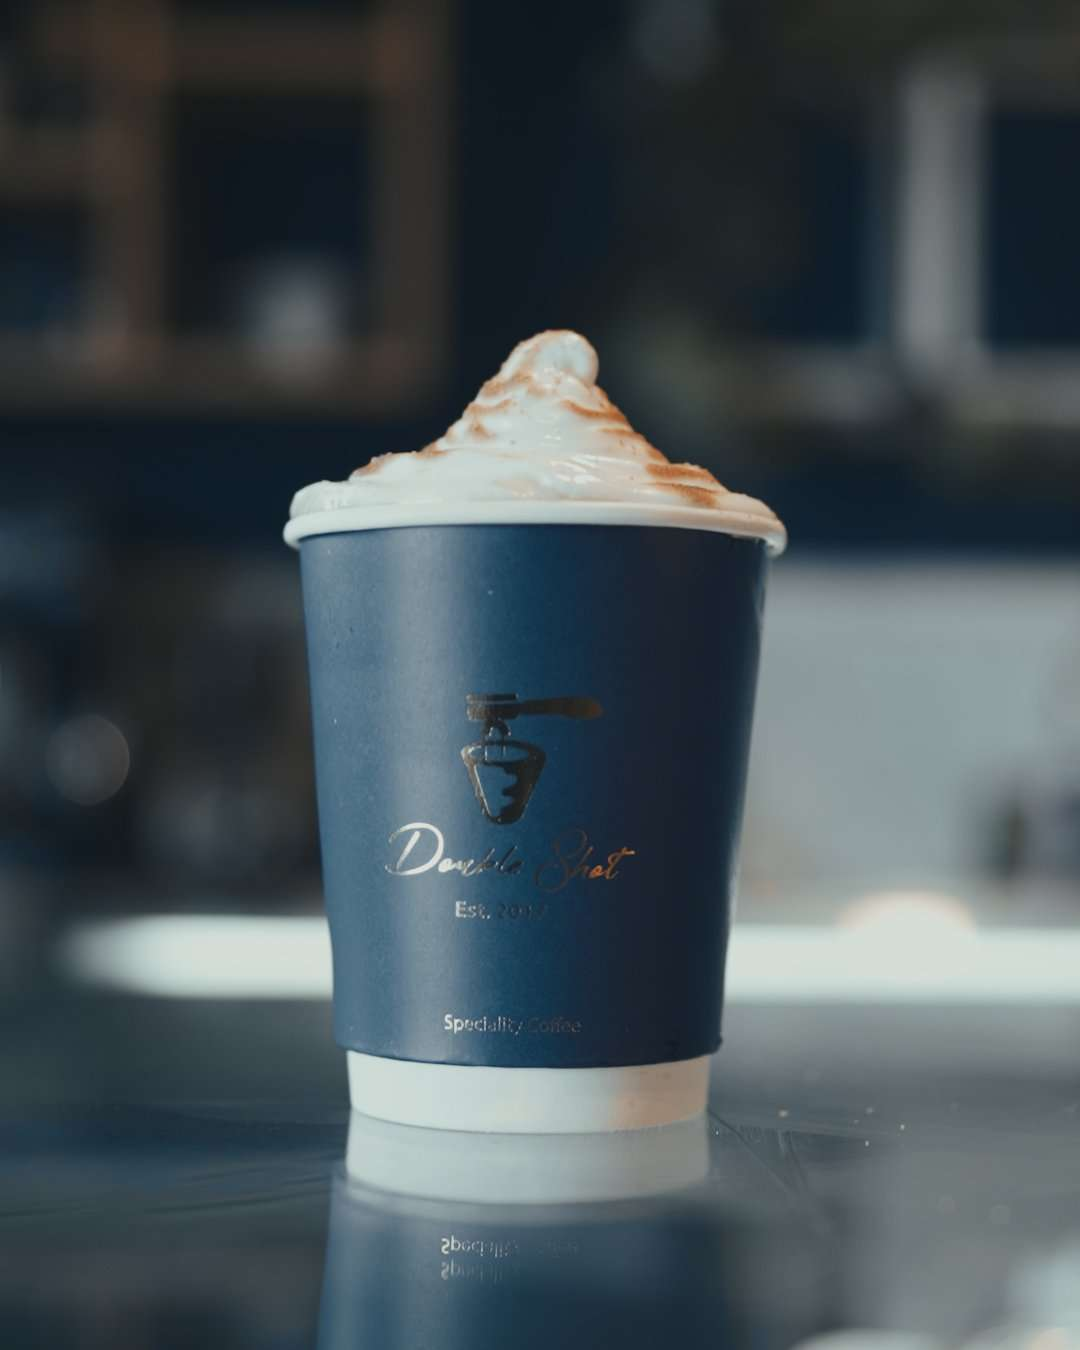 Doubleshot Cafe